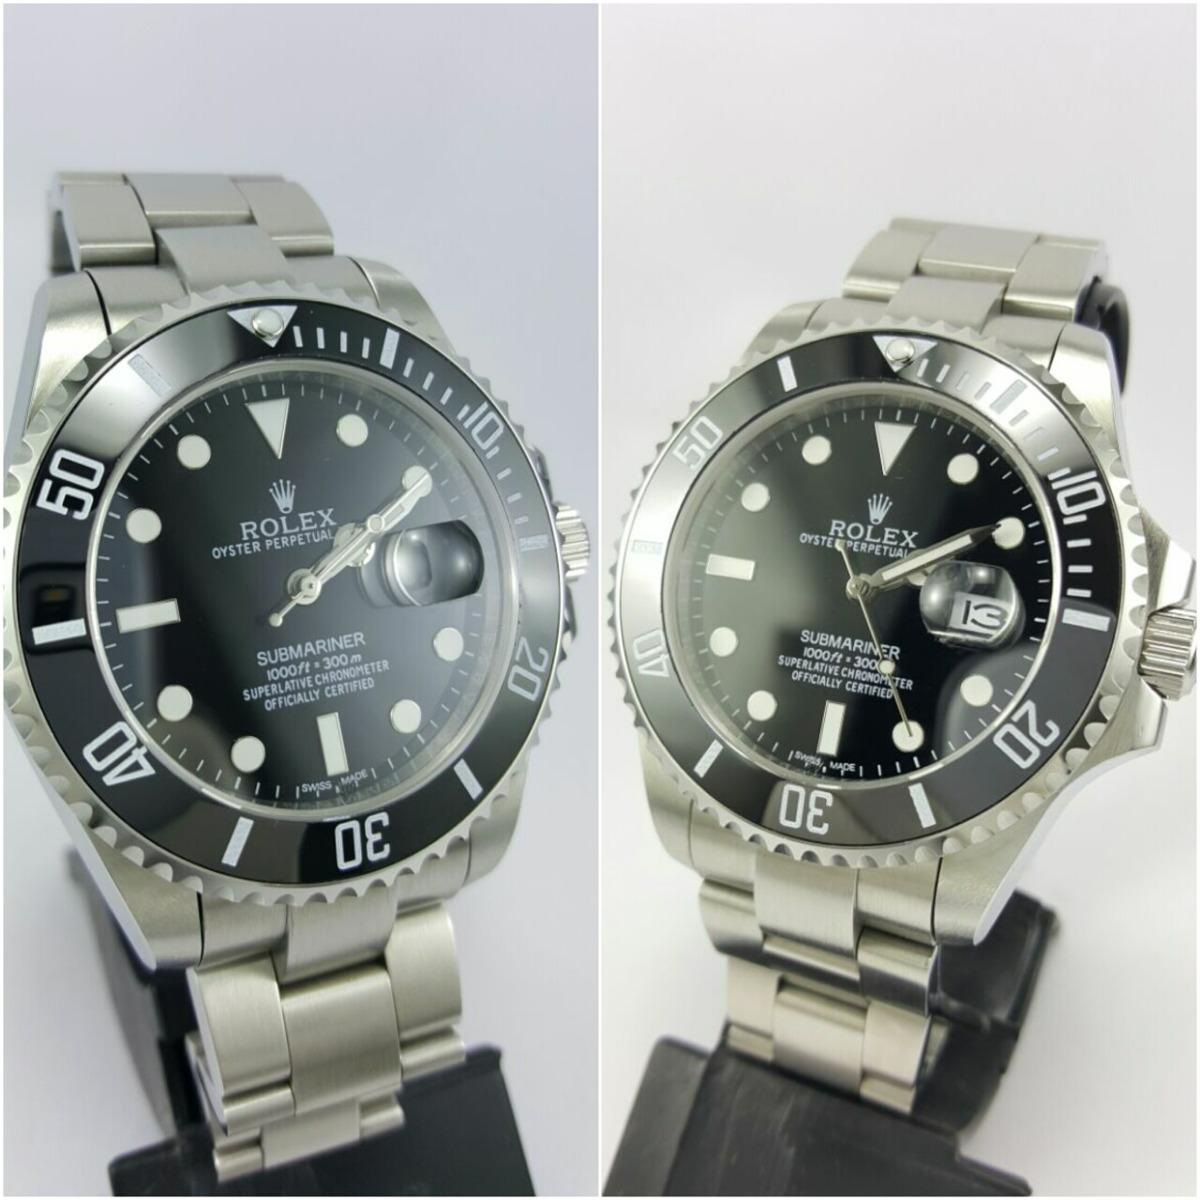 b65df510985 kit relógio rolex submariner dois por preço de um. Carregando zoom.